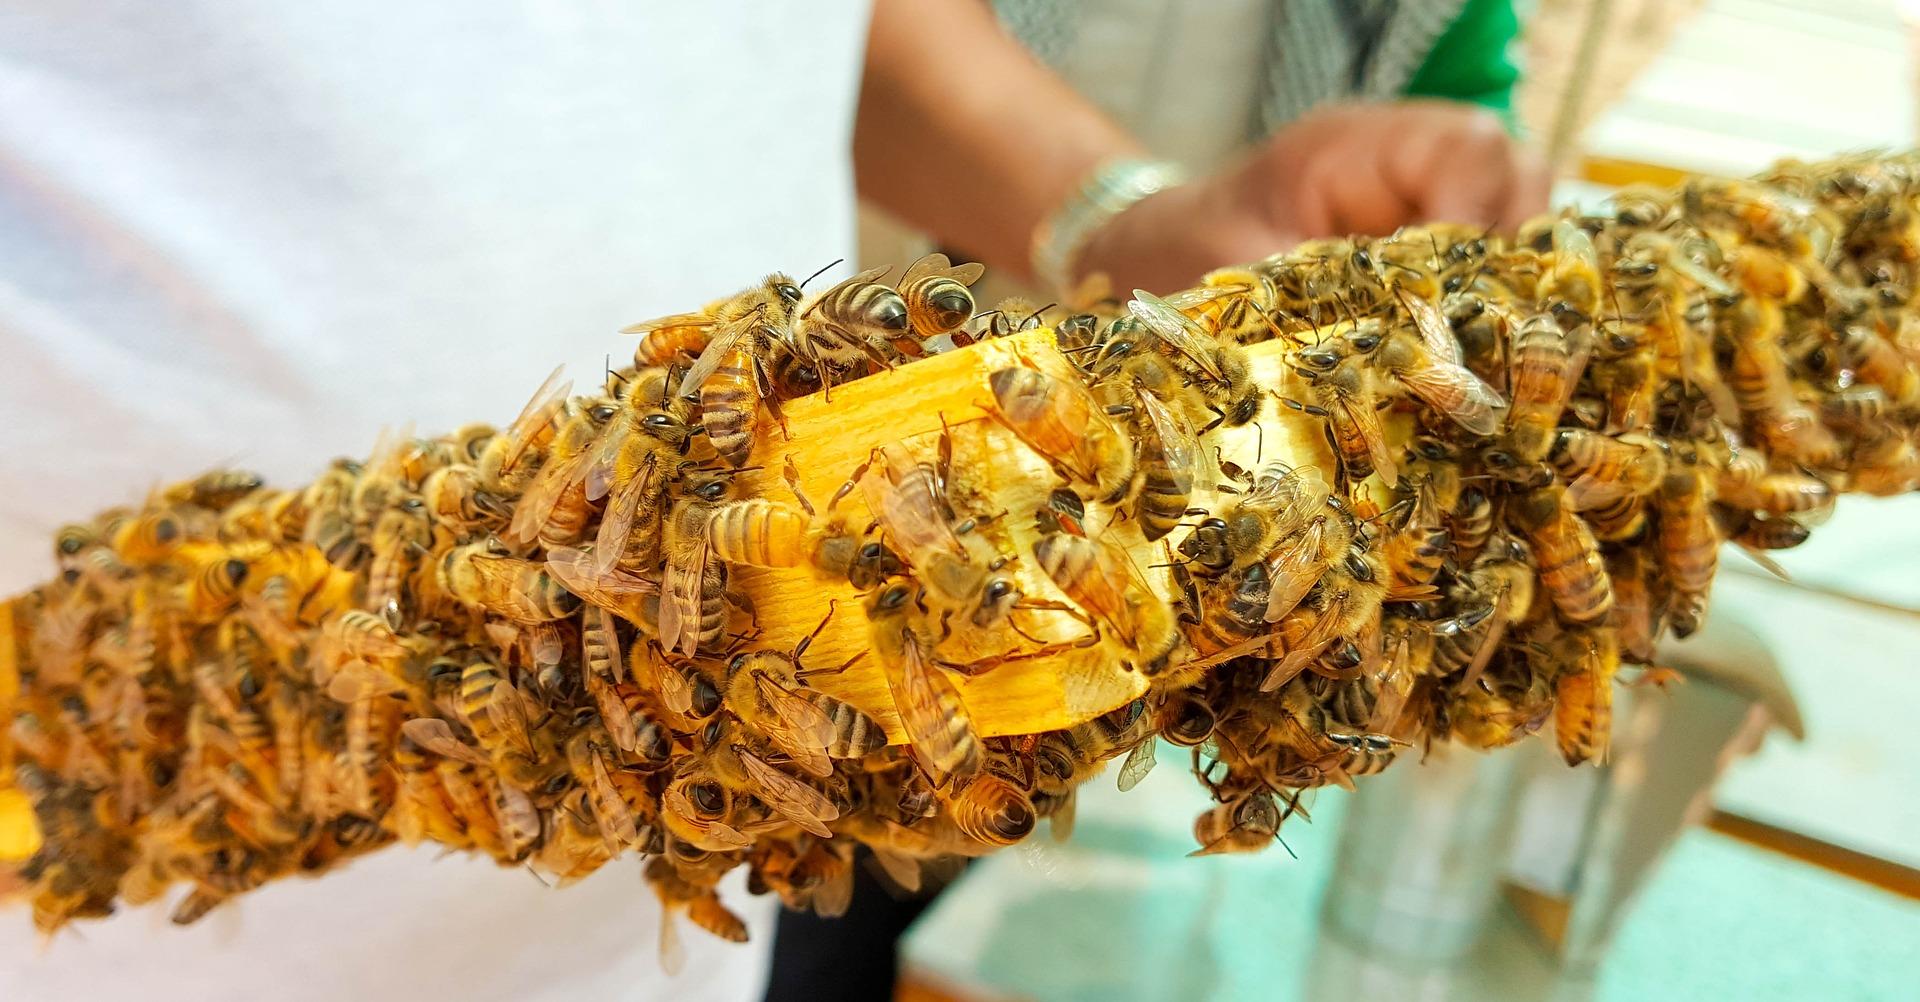 Jad pszczeli kontra choroby